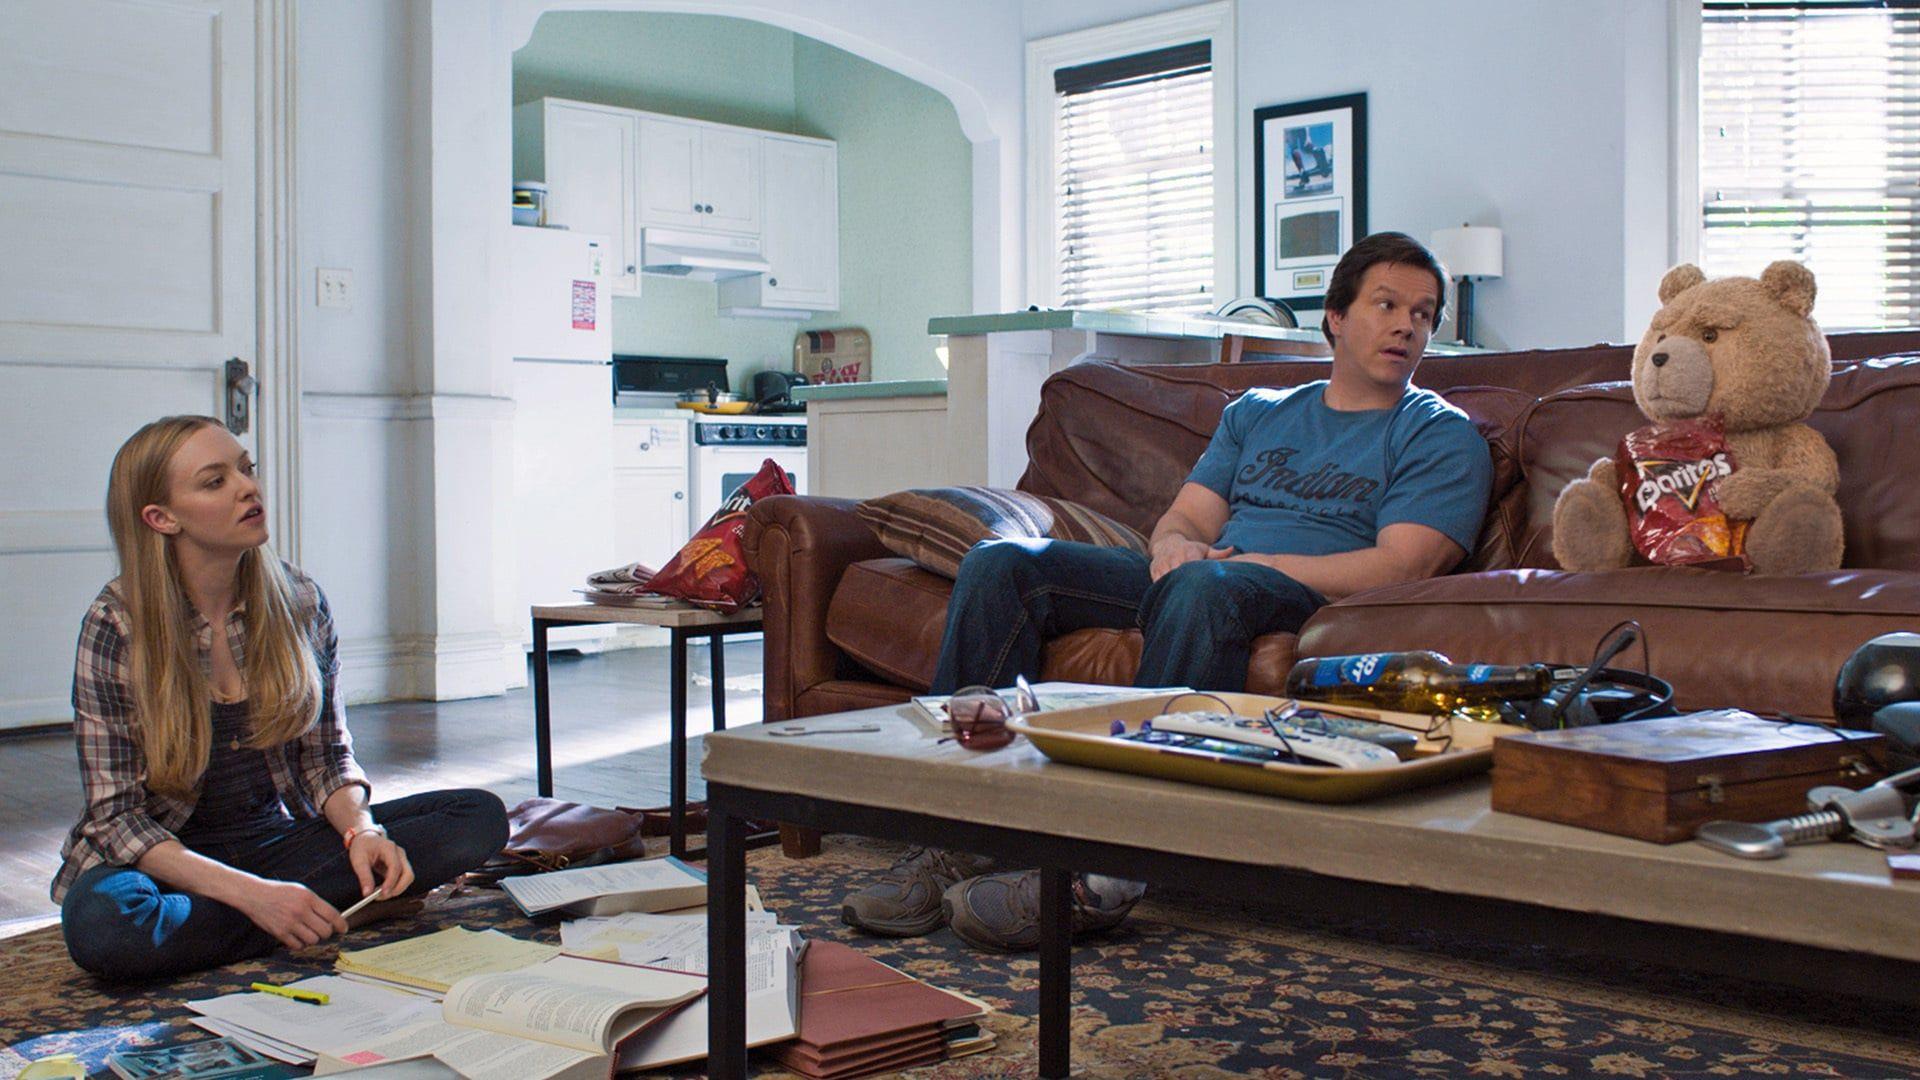 Ted 2 2015 Streaming Ita Cb01 Film Completo Italiano Altadefinizione E Ora Di Legalizzare Ted Da Quando Abbiamo Free Movies Online Movies Online Full Movies